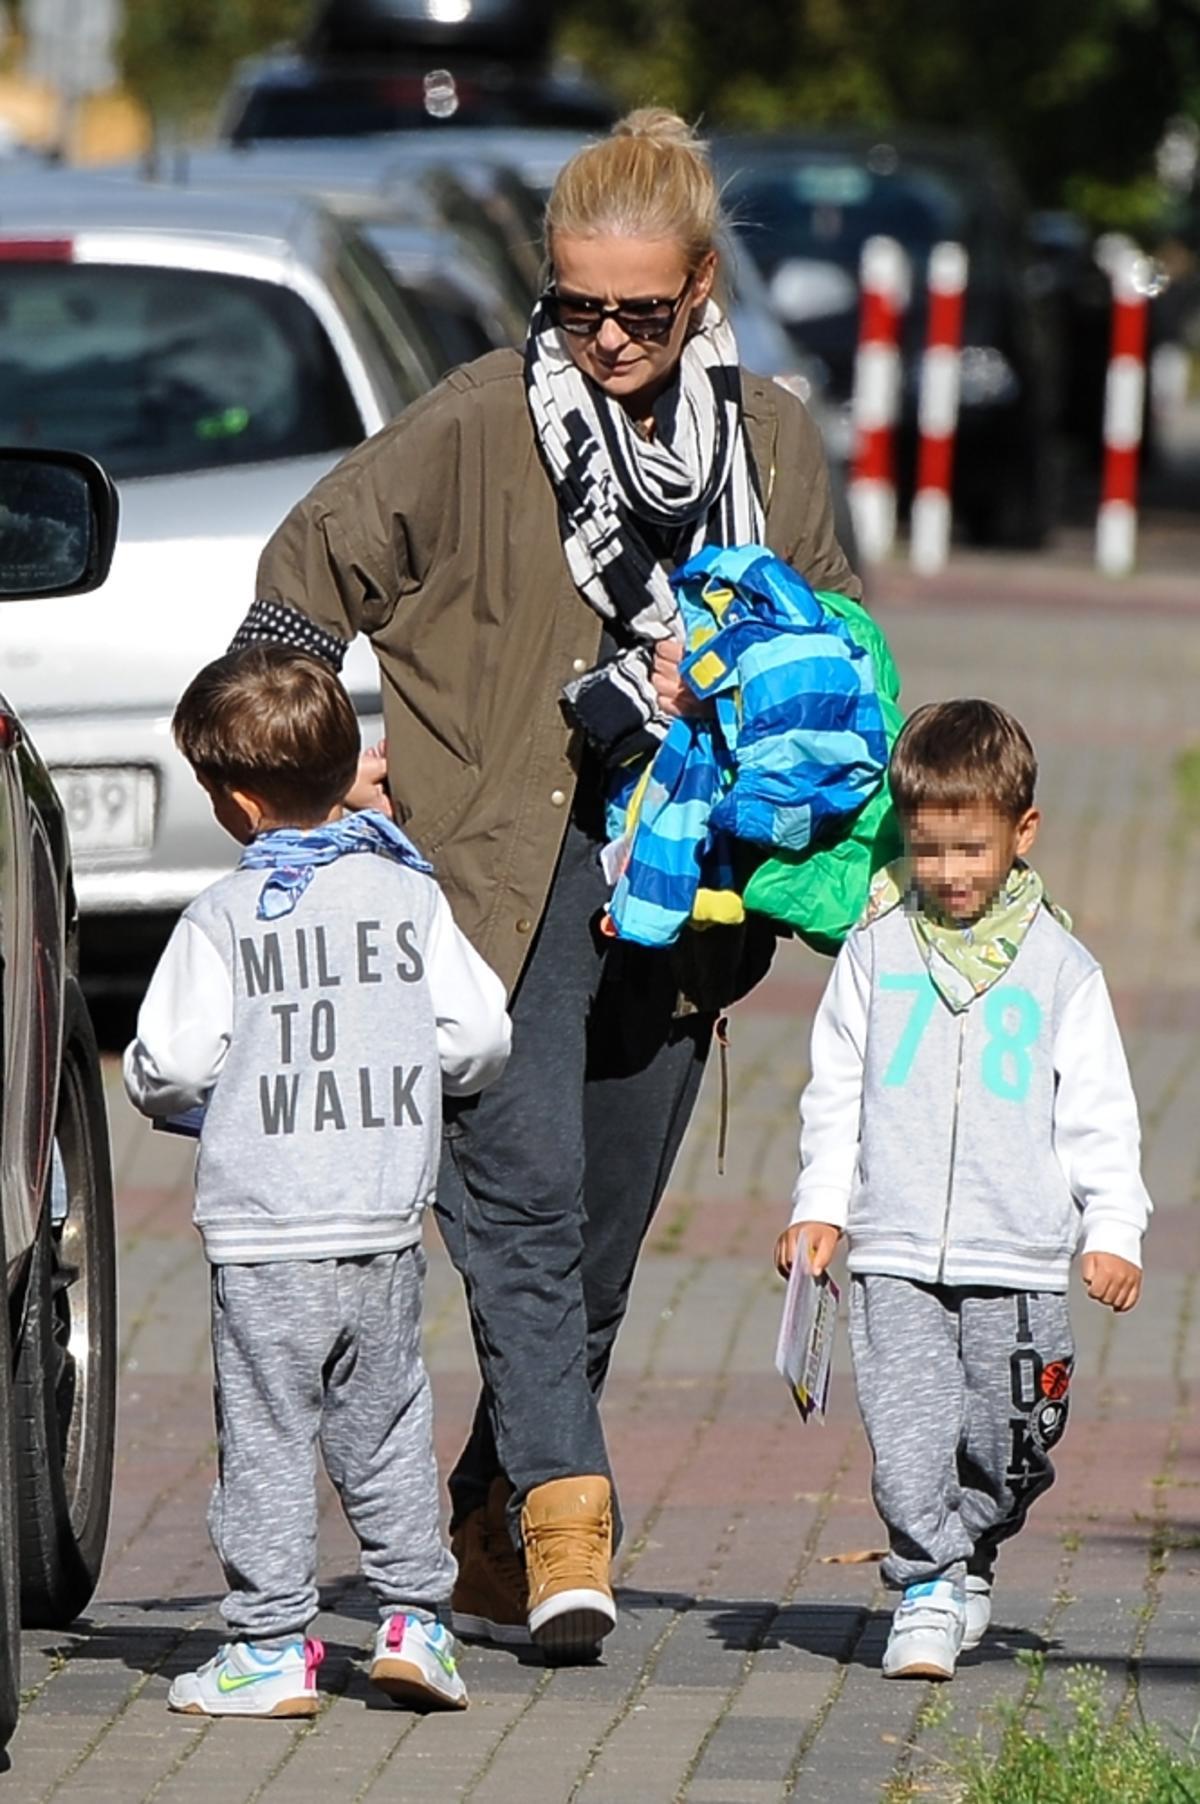 Aneta Zając w kucyku i portowych brazowych butach z synami w dresach na ulicy